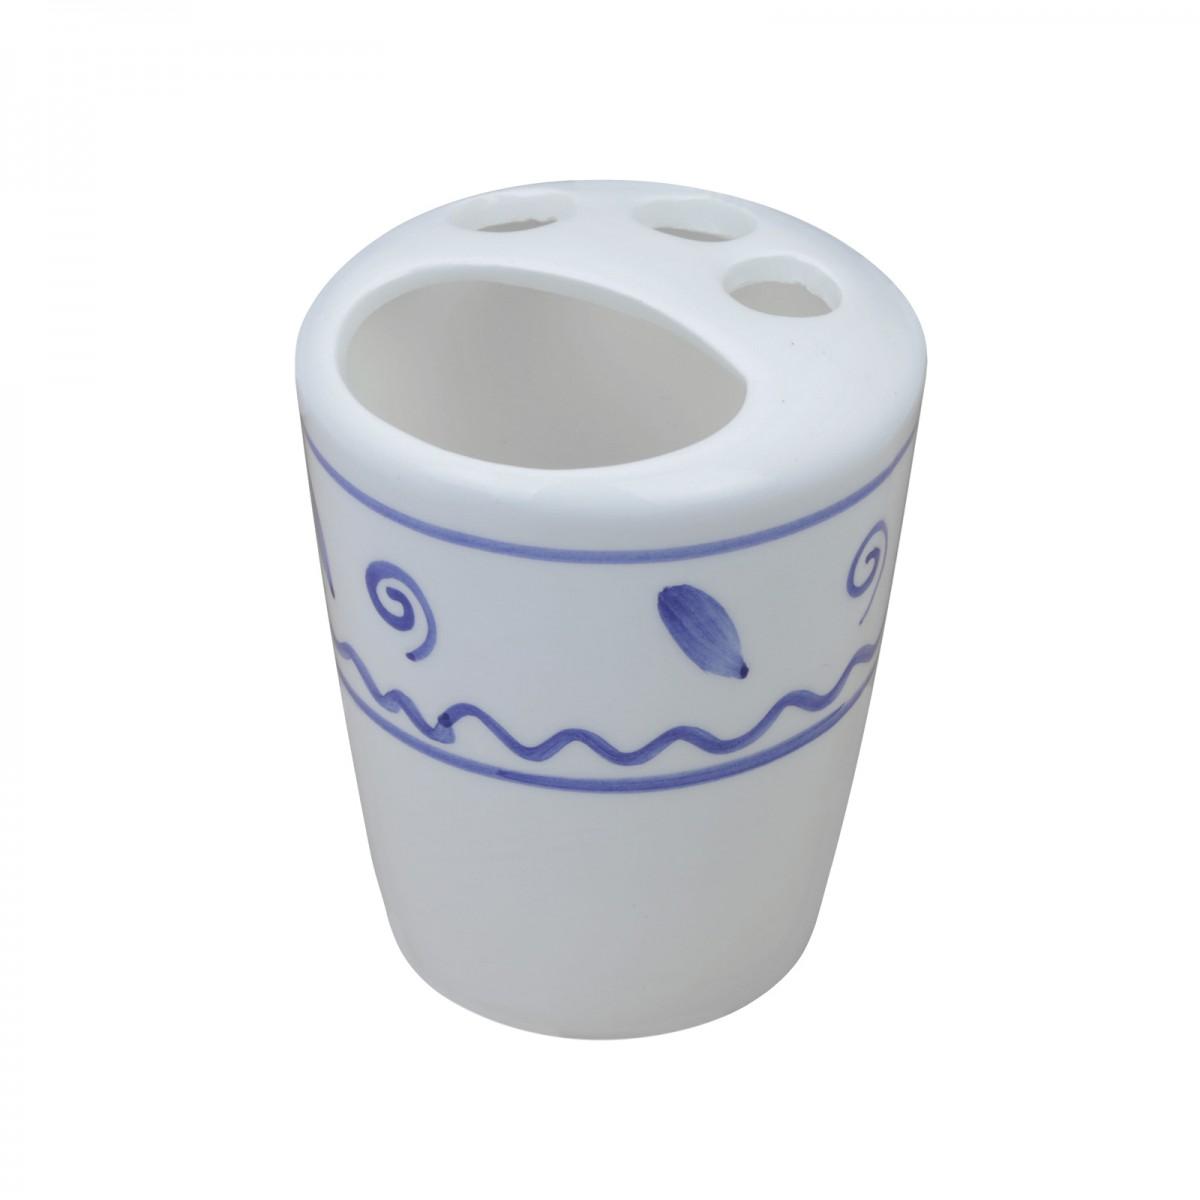 Bathroom Toothbrush Holder Blue/White Ceramic Holder